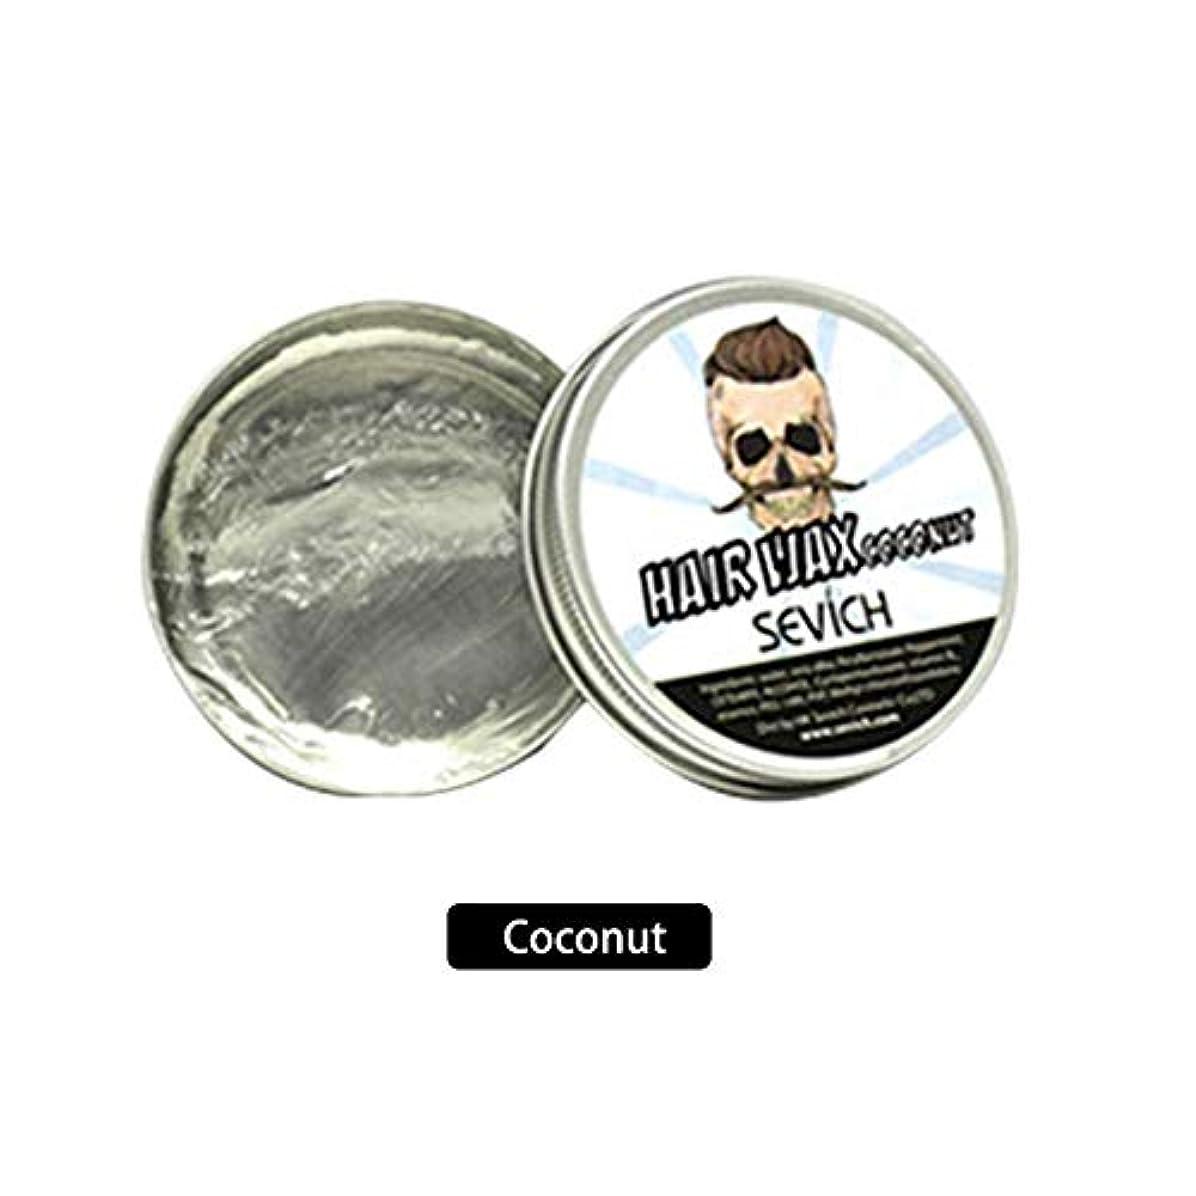 島調査ビールLibeauty メンズヘアワックスヘアクリームクリームソフトで軽い香りメンズ大容量100g